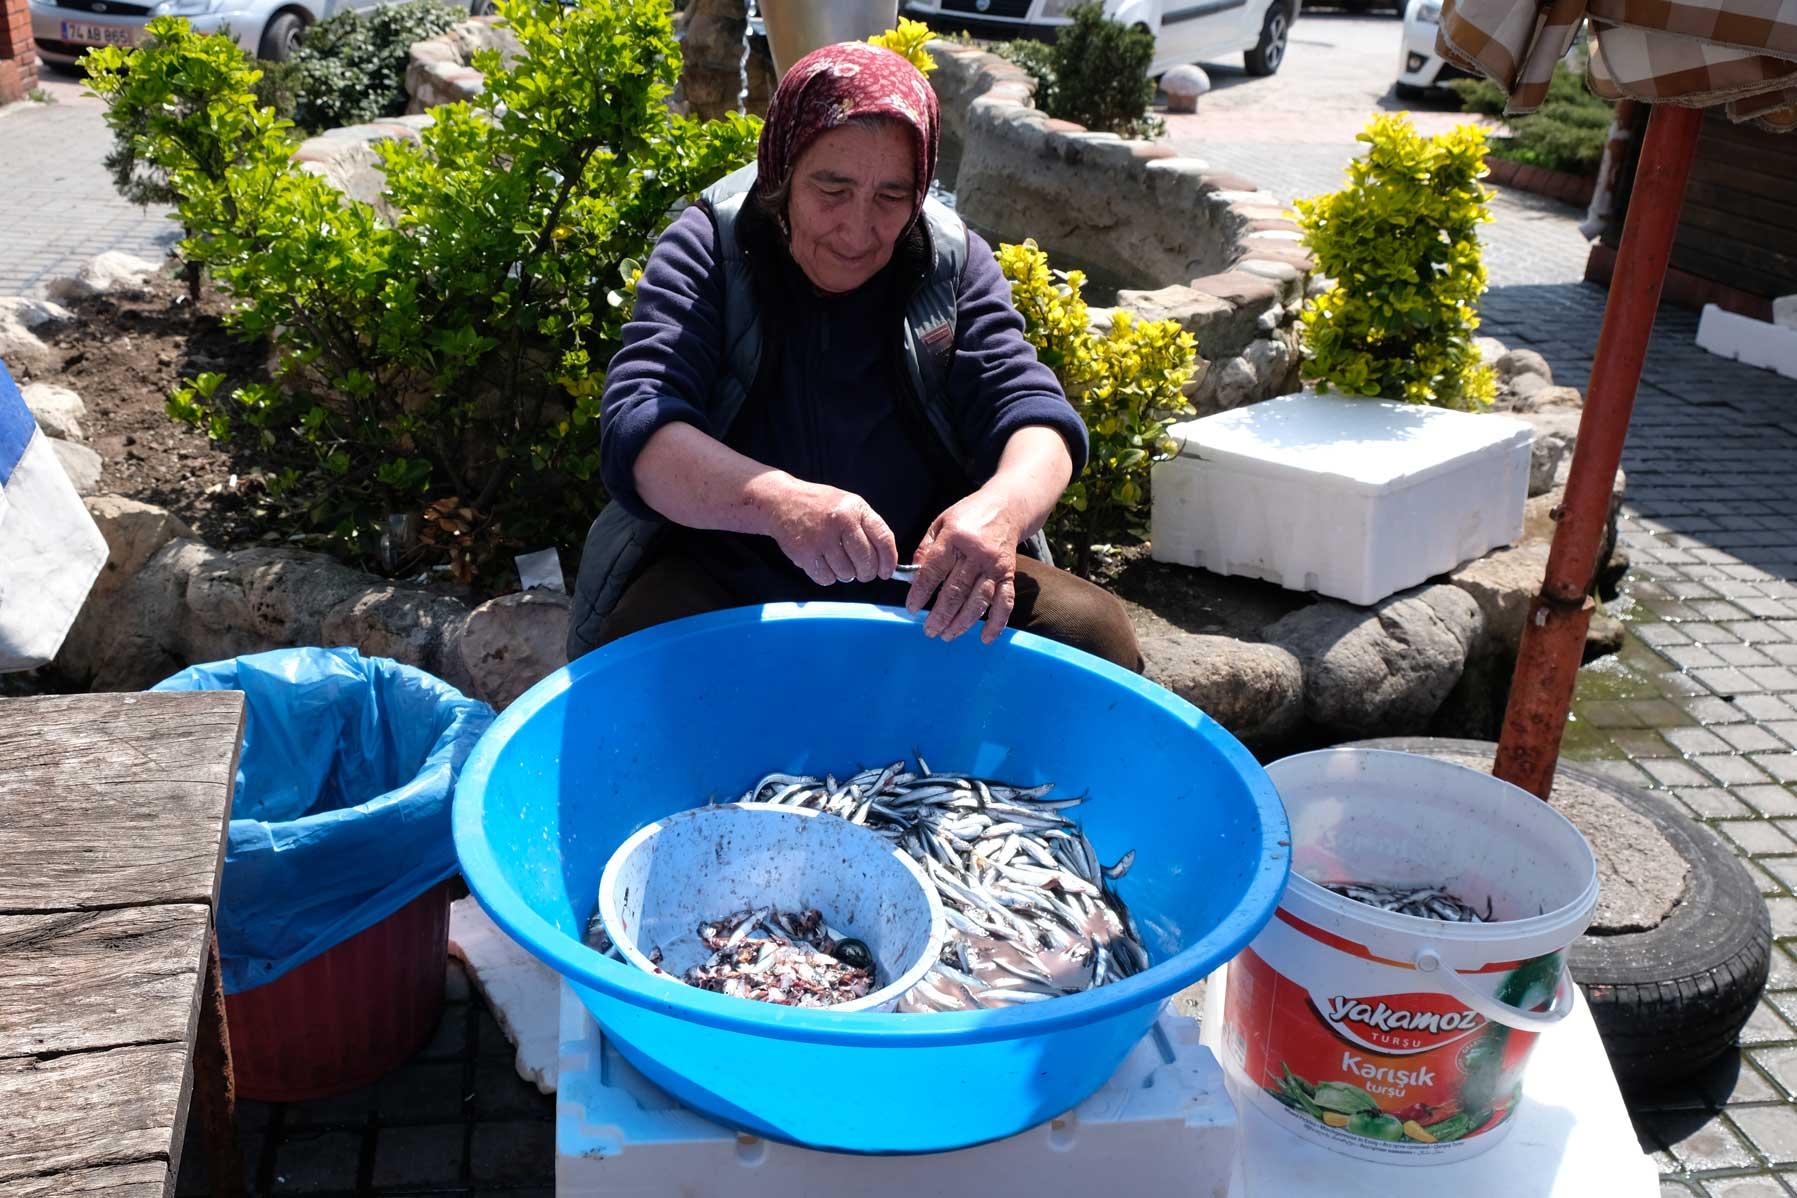 Eine Frau nimmt kleine Fische aus